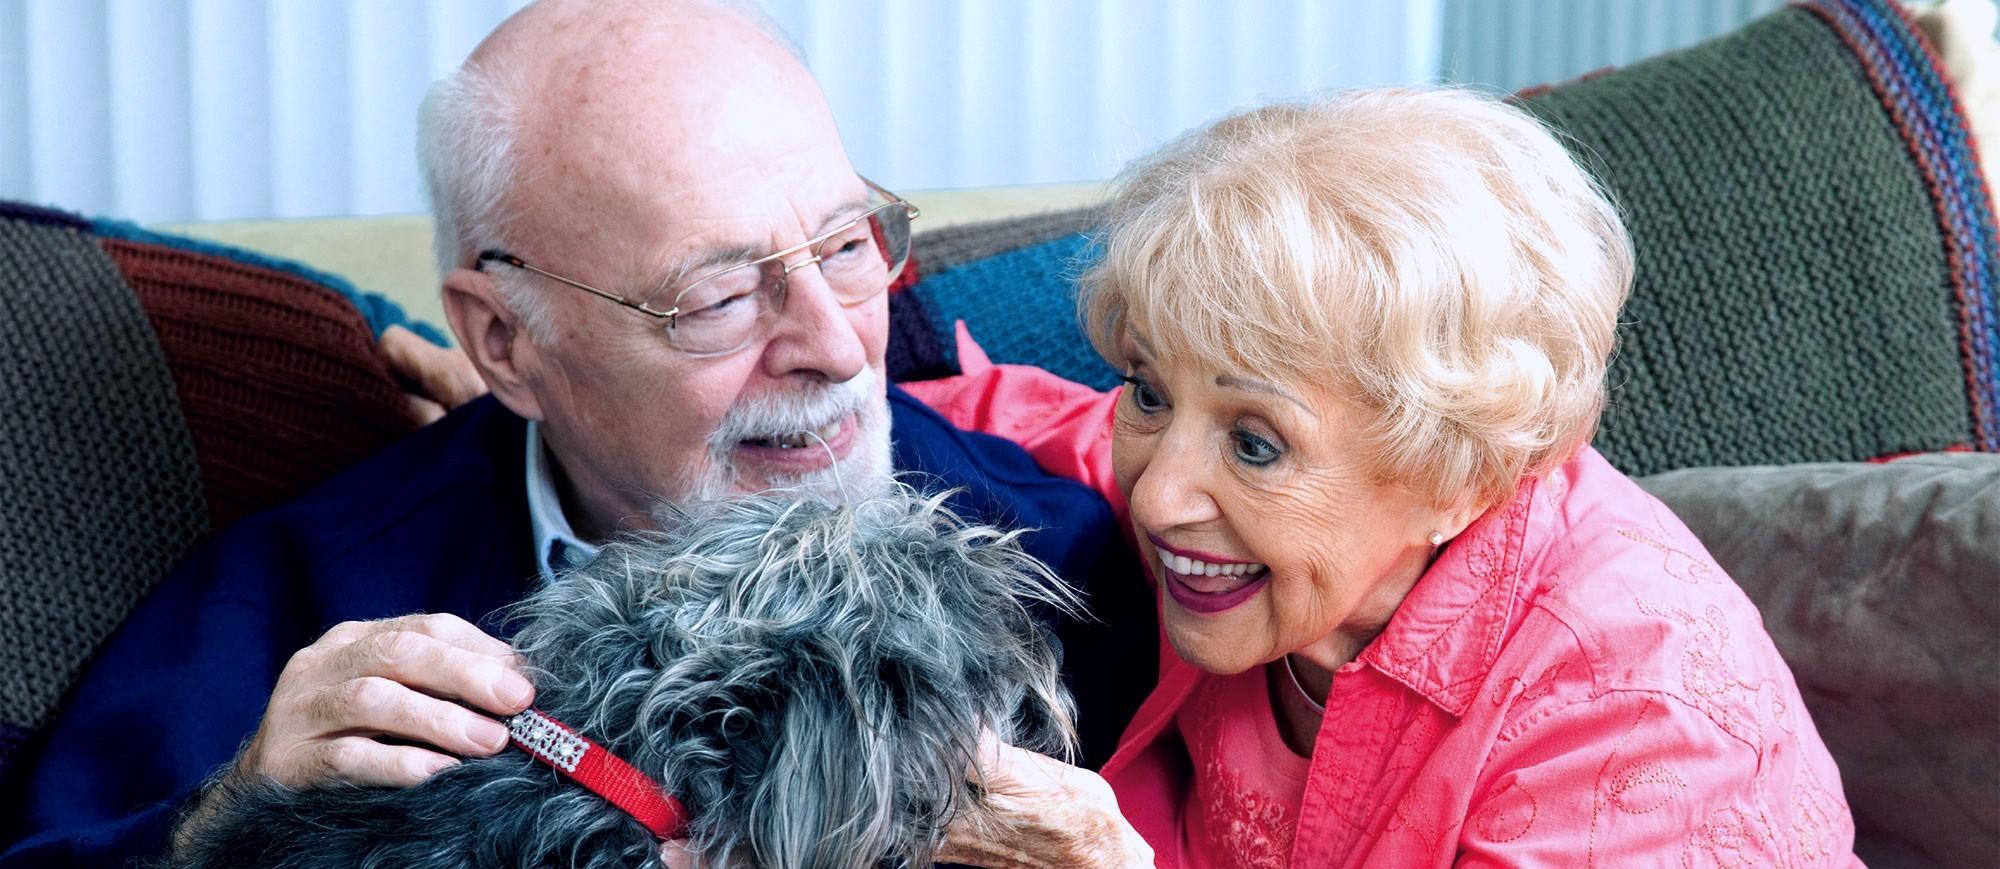 QUA LA ZAMPA! Pet Therapy vs Alzheimer-Piccolo Principe ONLUS